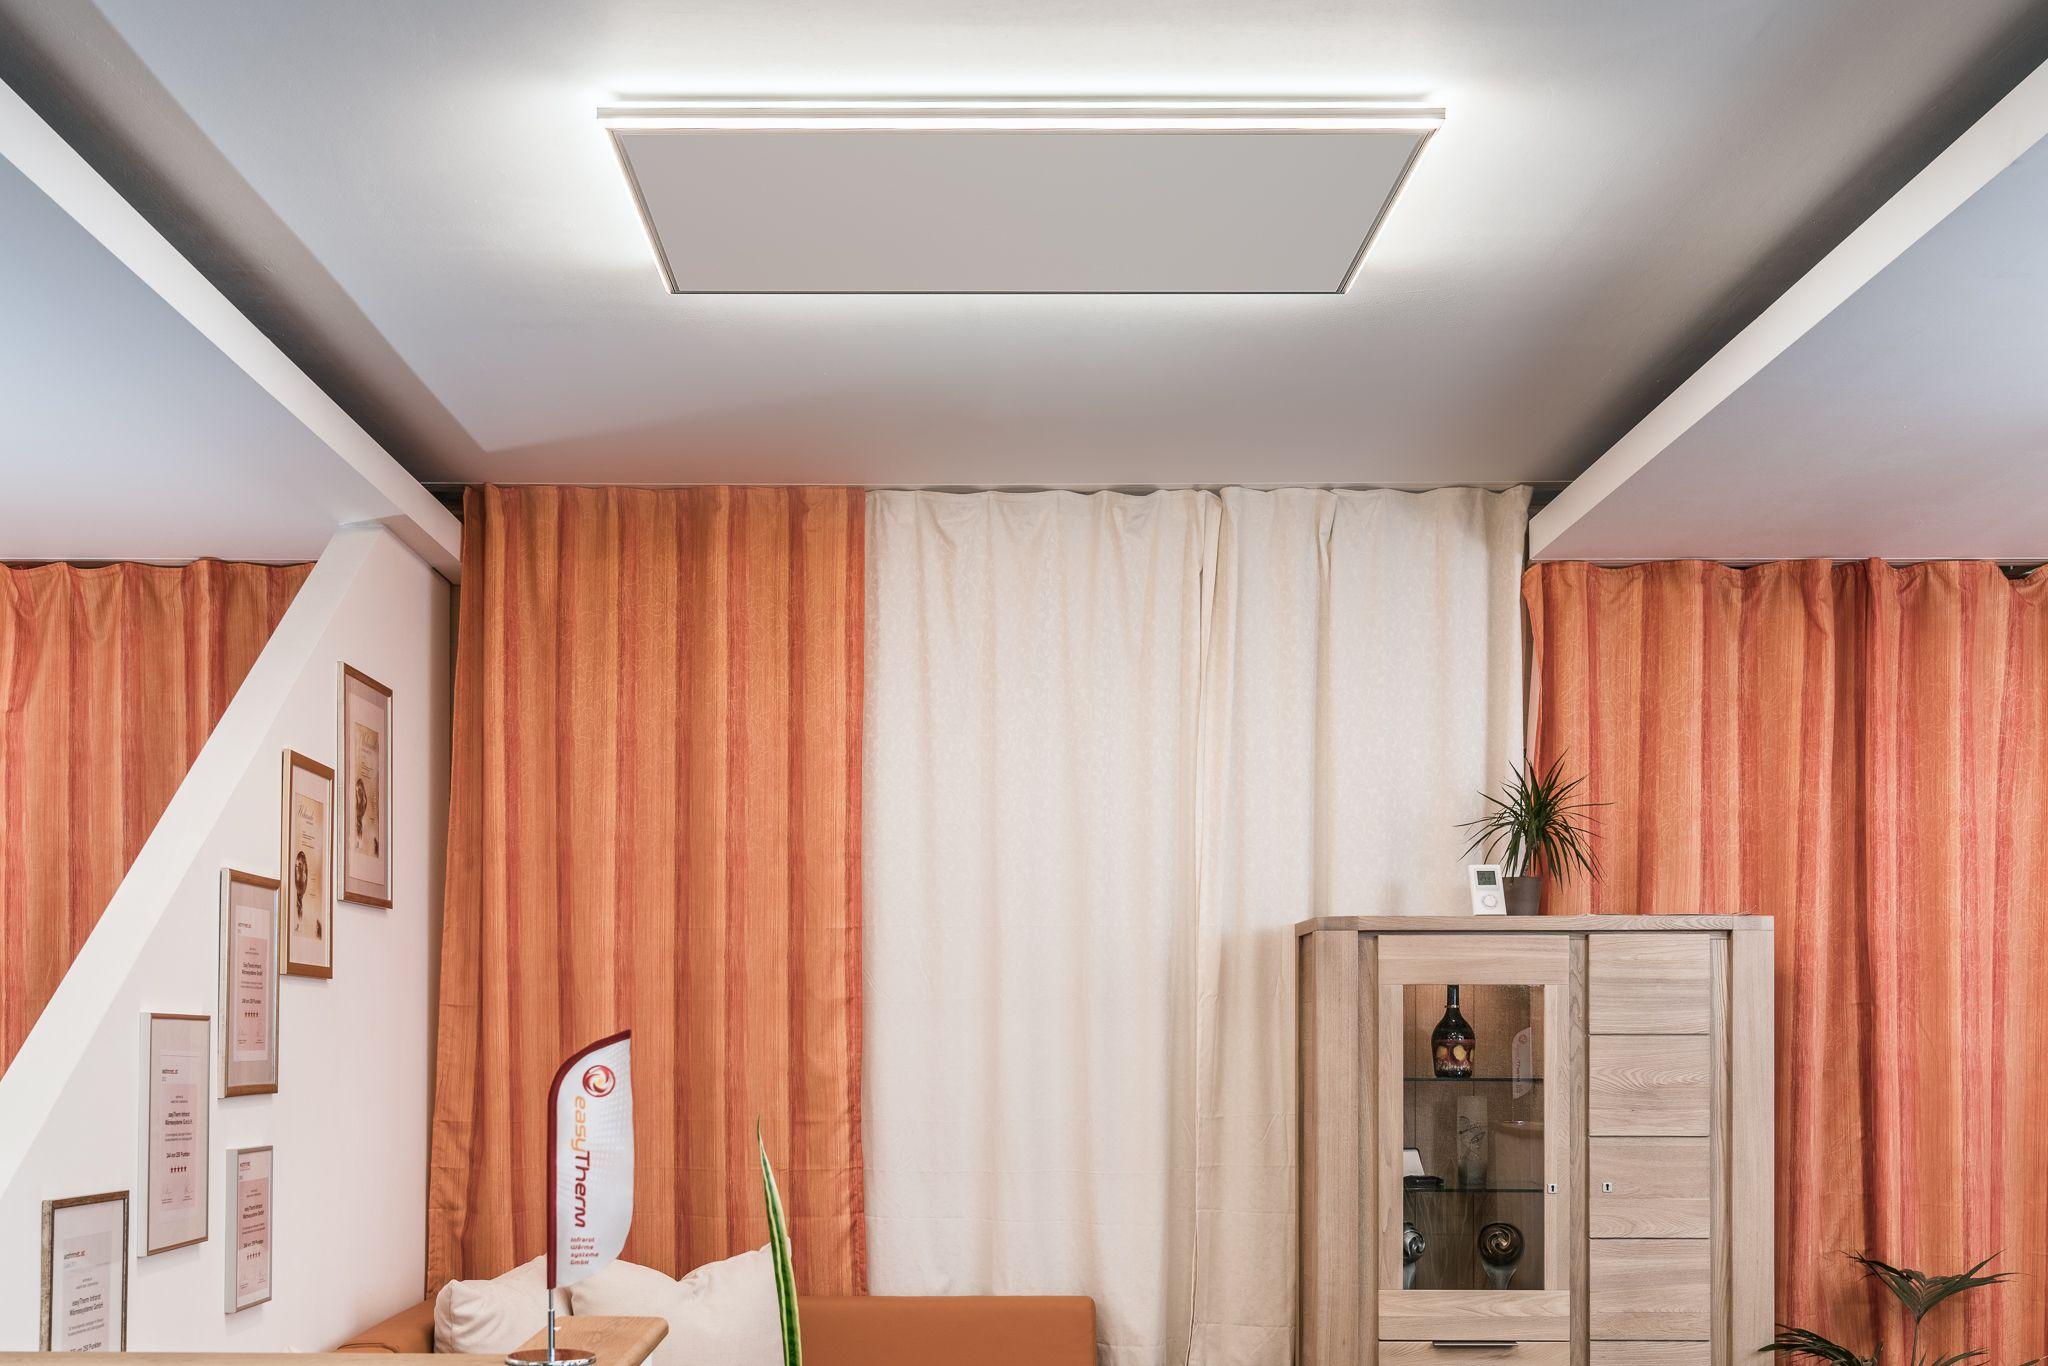 Easylight Lichtrahmen Fur Ihre Infrarotheizungen Warme Und Licht In Einem Was Will Man Mehr Jetzt Gibt Es Die Infrarotheizung Wohn Design Wohnen